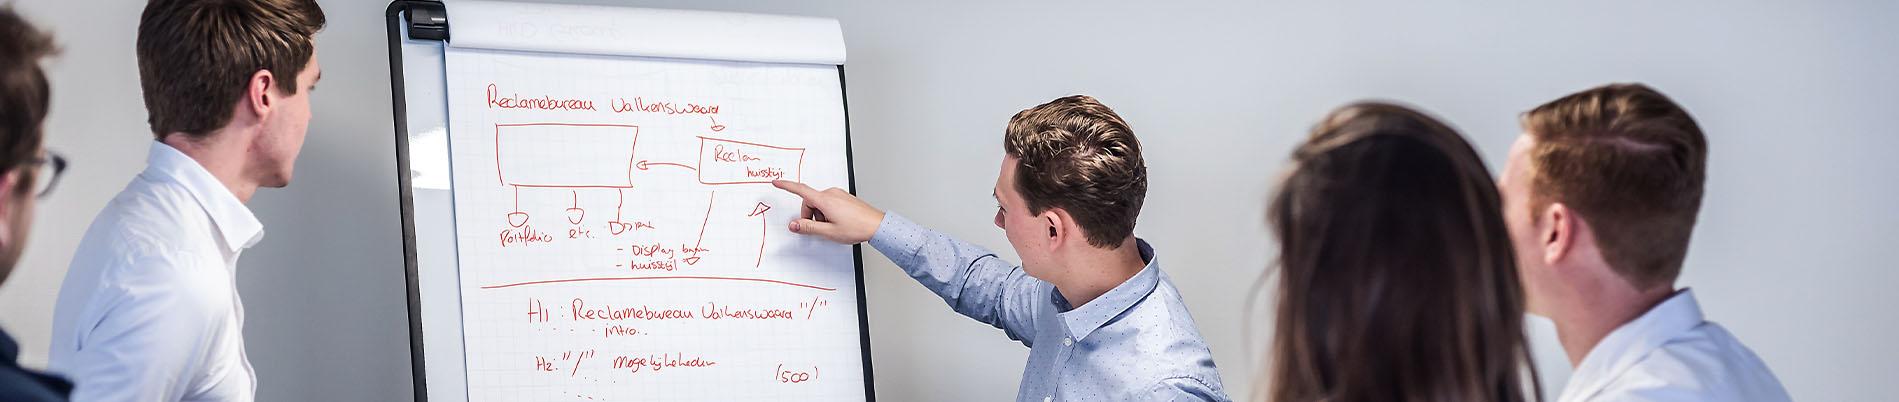 Online marketing plan - Succesfactor